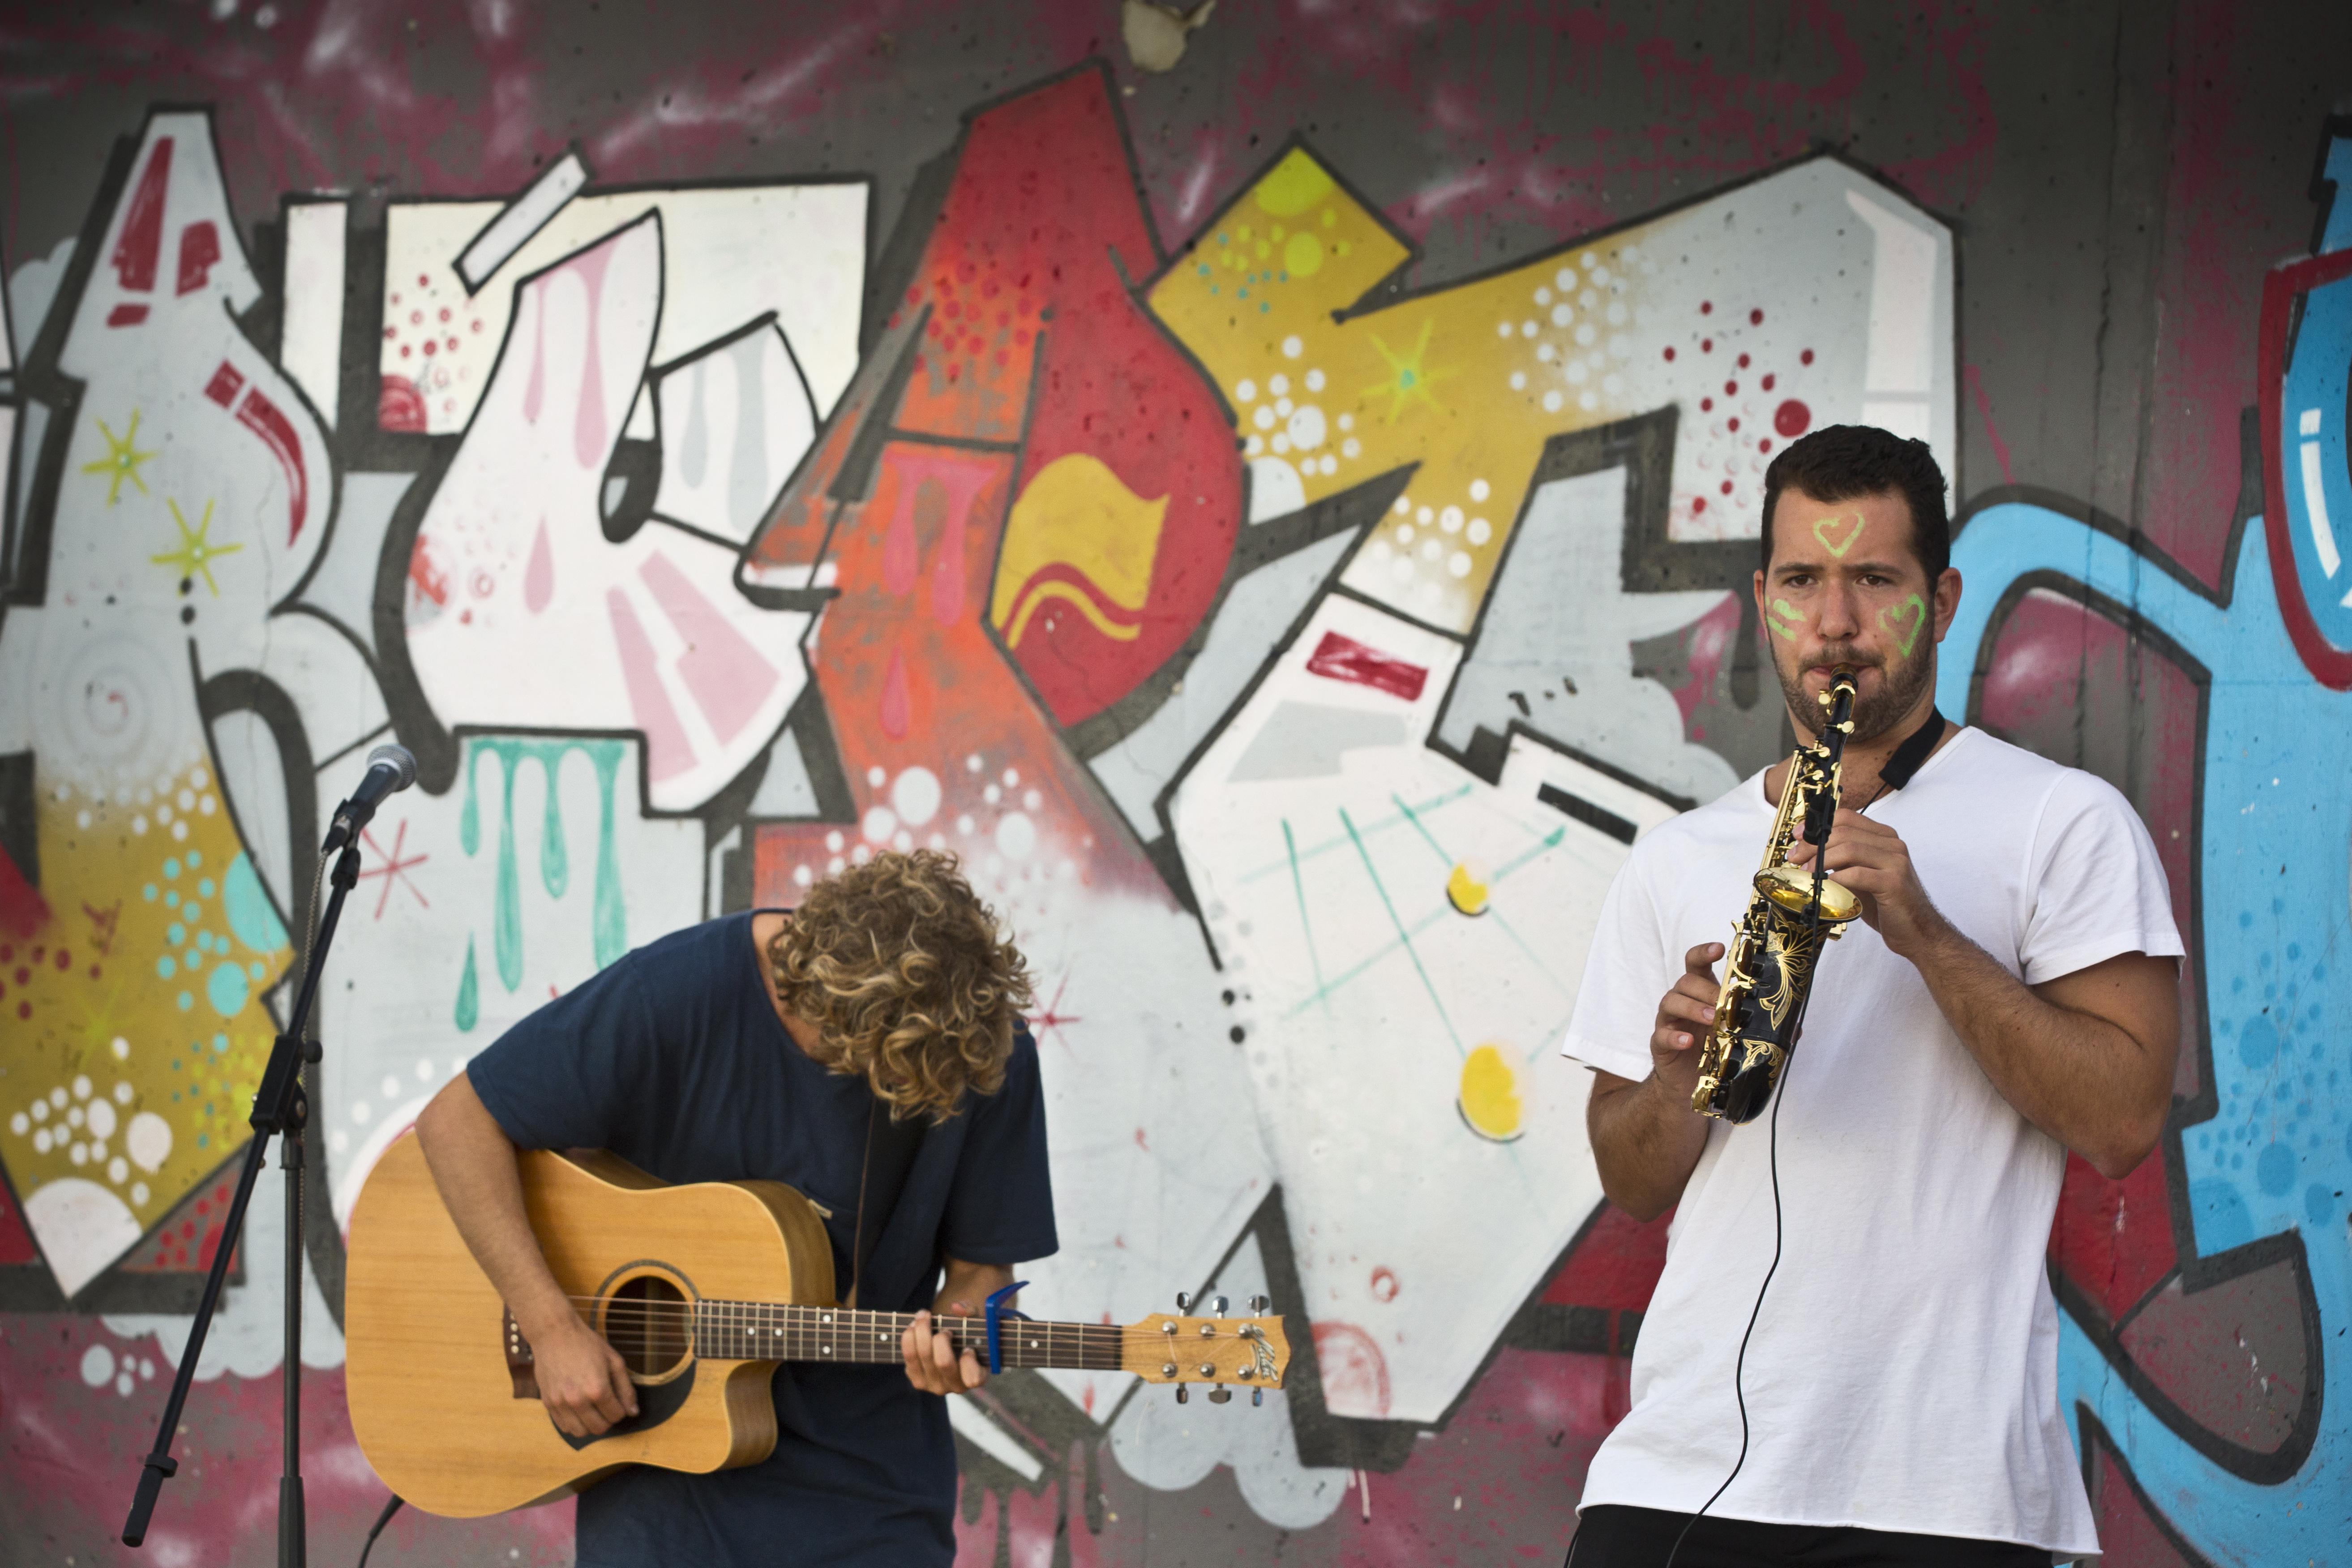 Acoustic duo Bondi Sydney